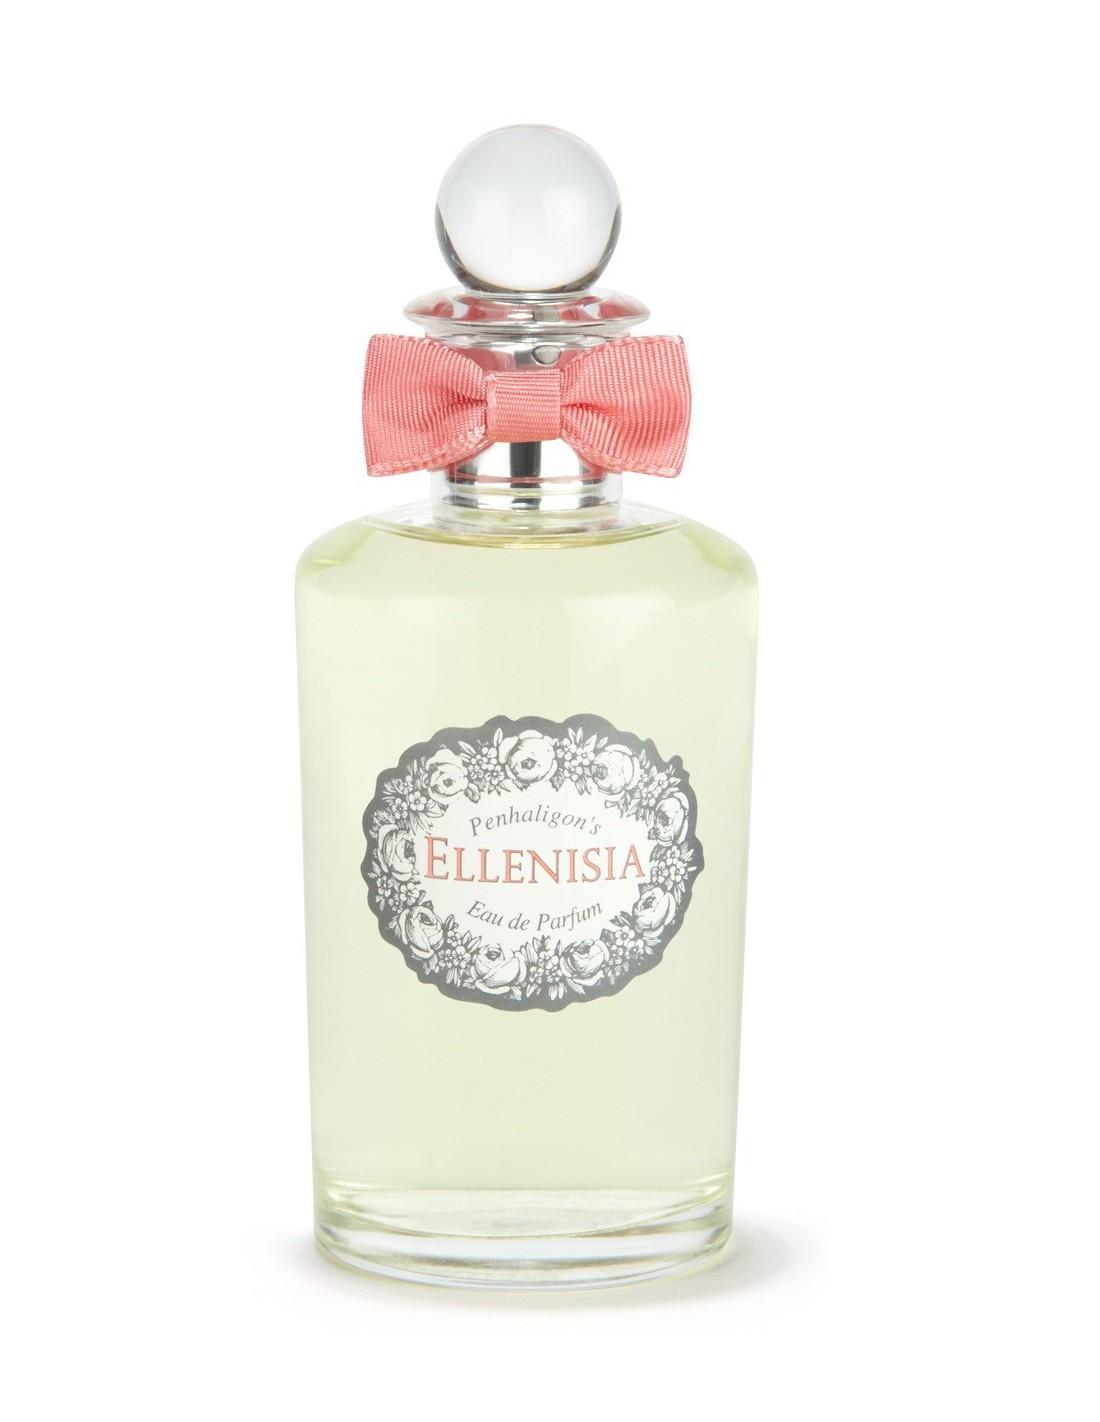 Penhaligon S парфюм купить